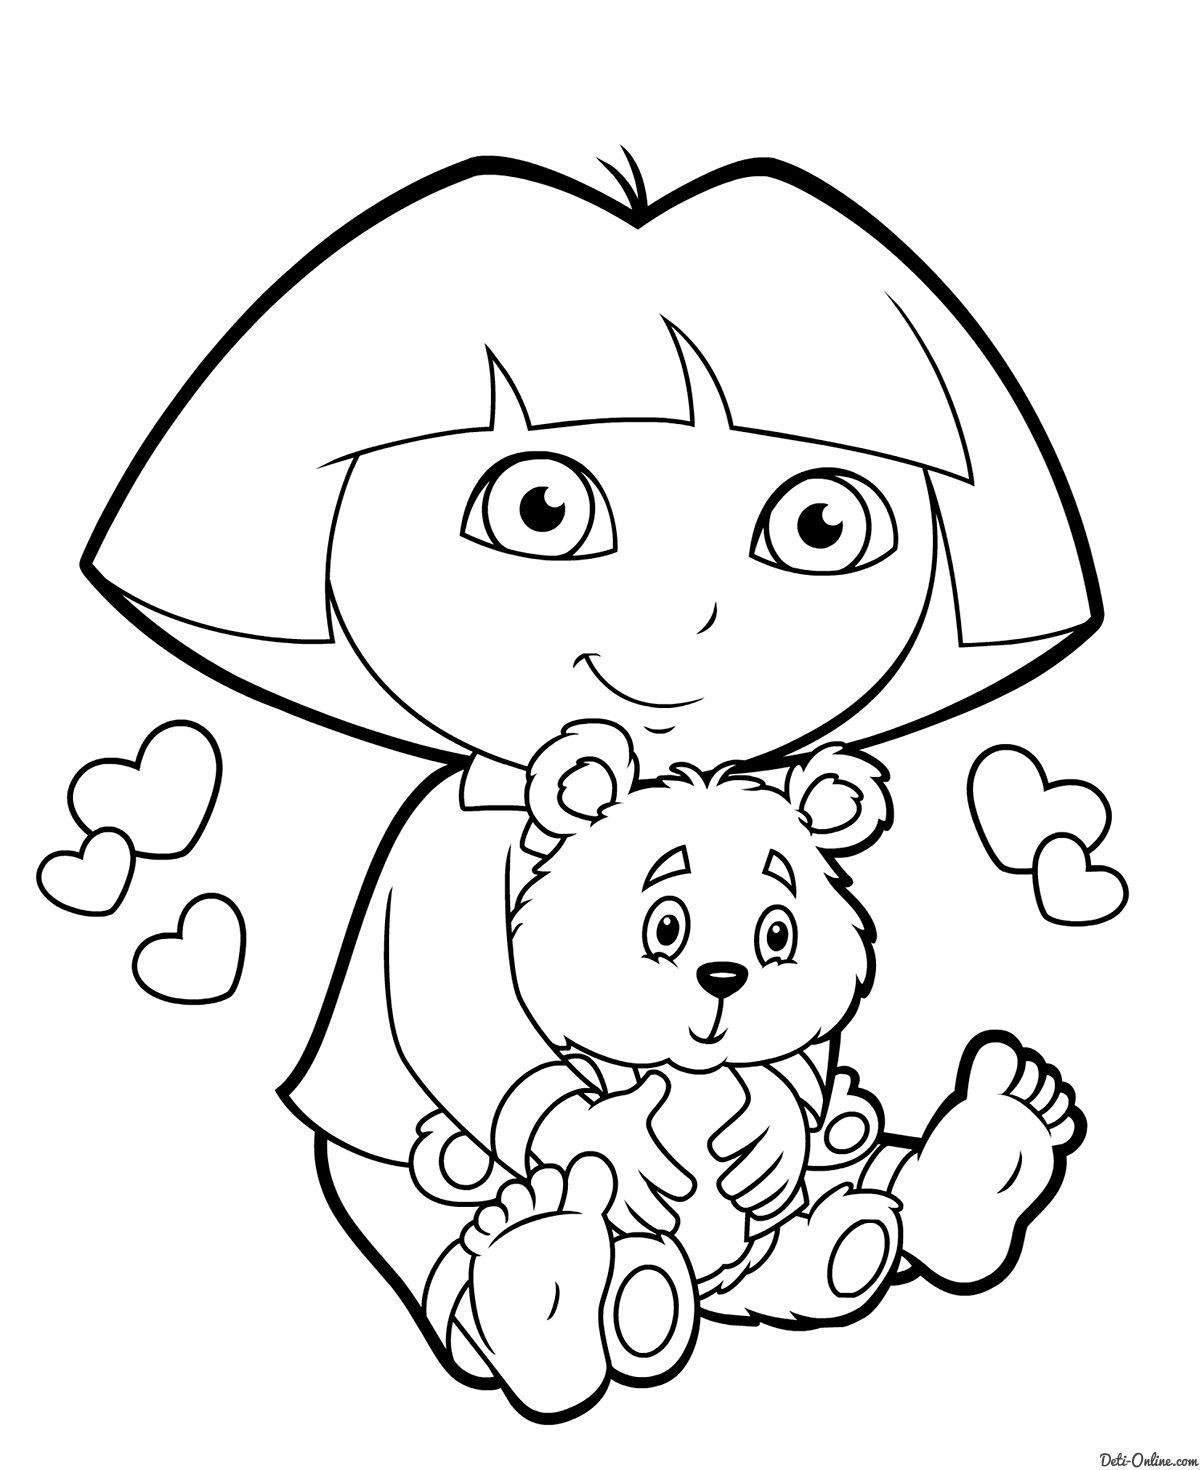 Раскраска Даша с медвежонком распечатать или скачать